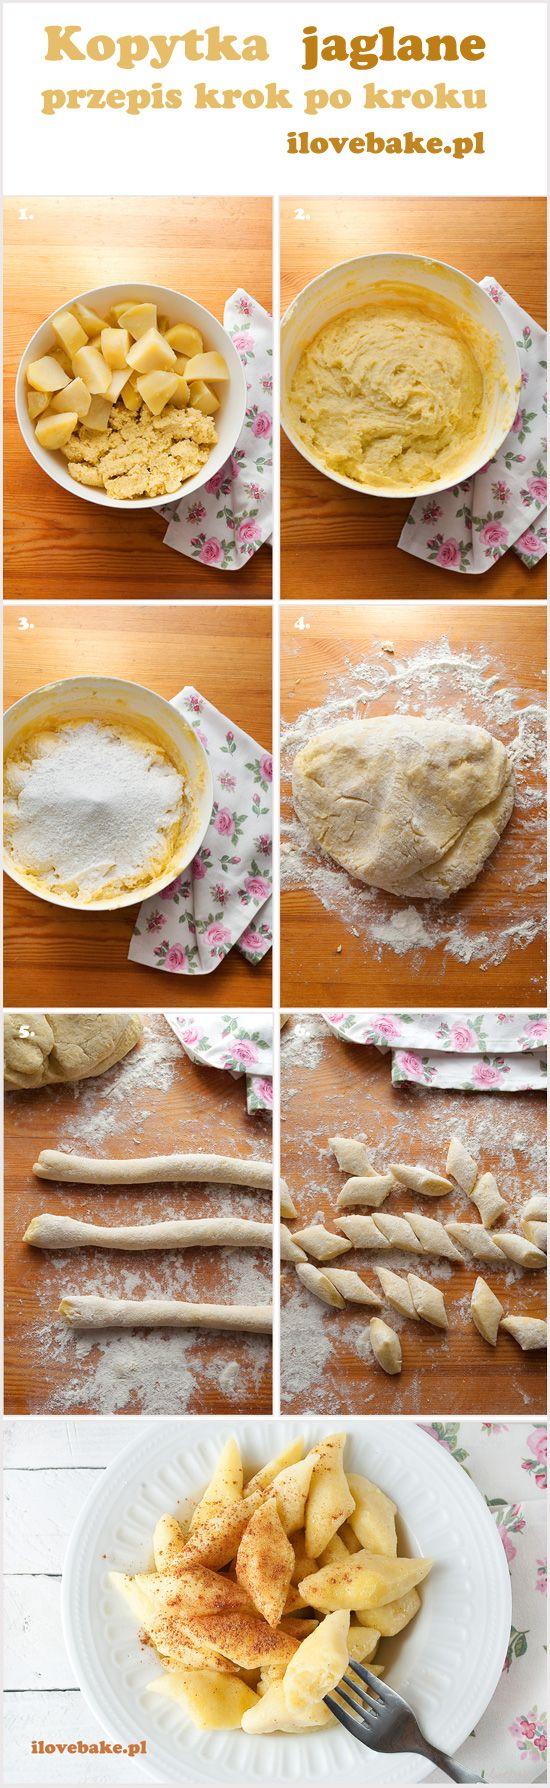 Polish gnocchi with millet and potatoes / KOPYTKA JAGLANE (bezglutenowe)– PRZEPIS #gnocchi #diy #recipe